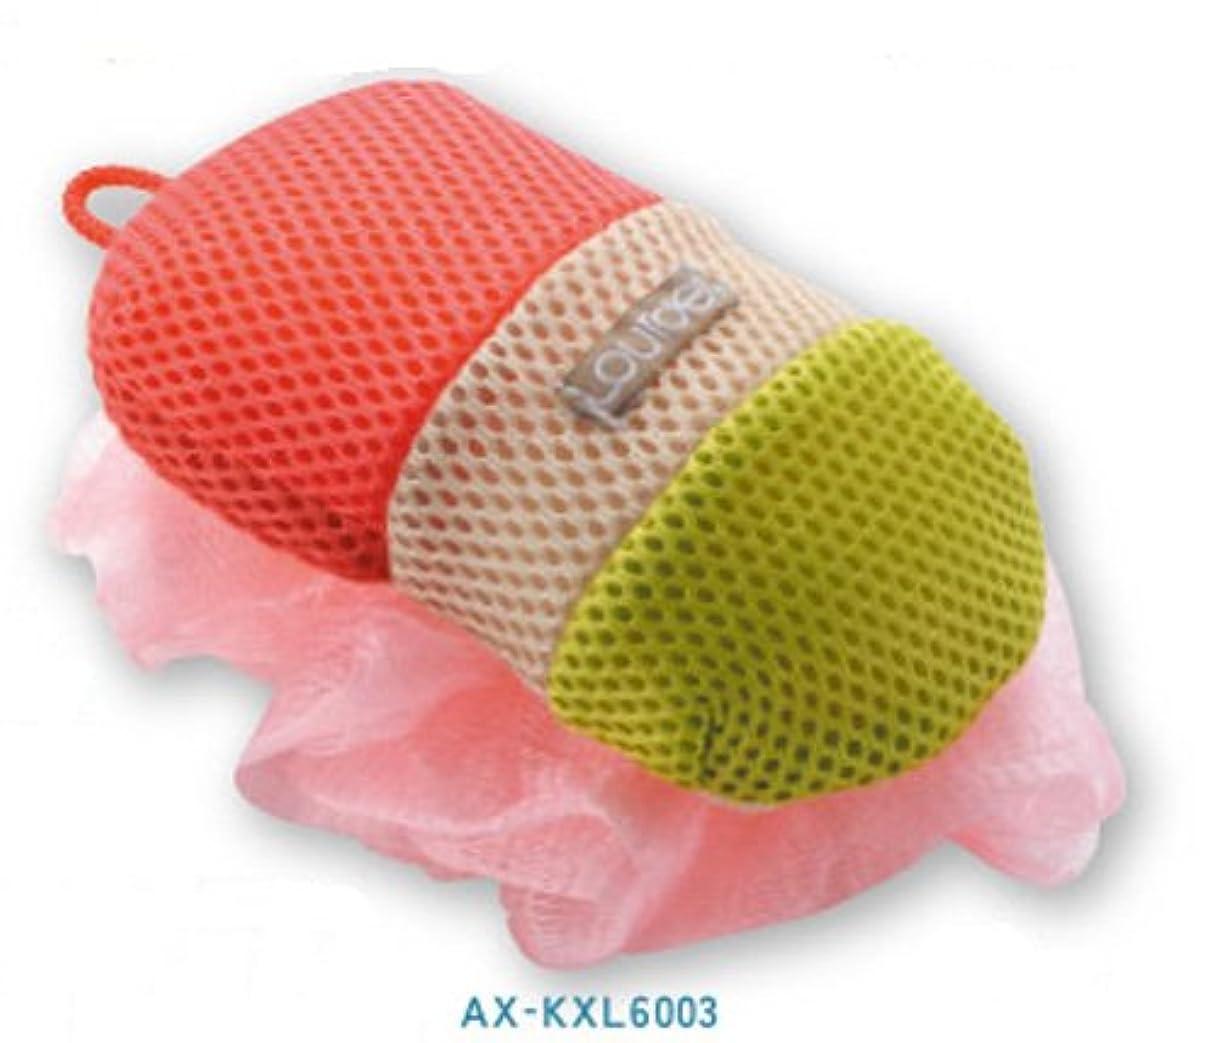 不承認キノコクルーズルルドアワブル AX-KXL6003